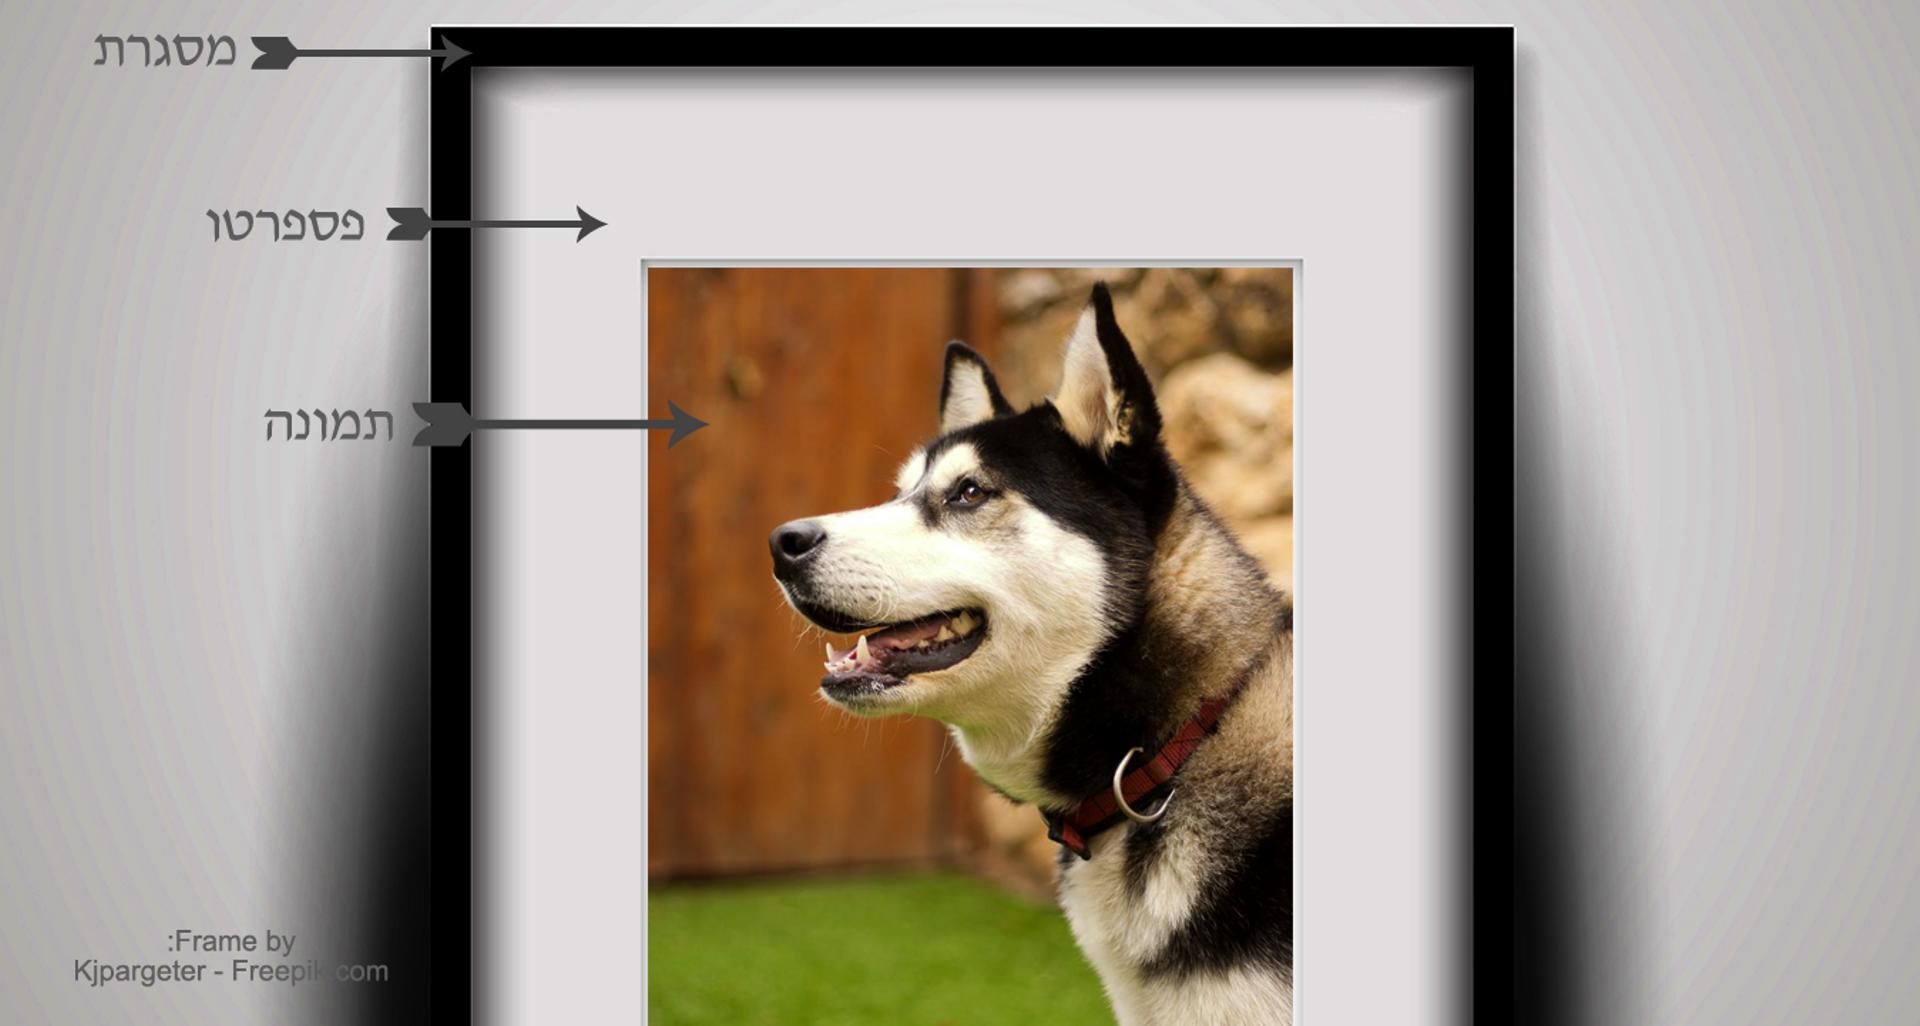 =מסגרת תמונה איכותית דגם FR9249, כולל הדפסת תמונה.